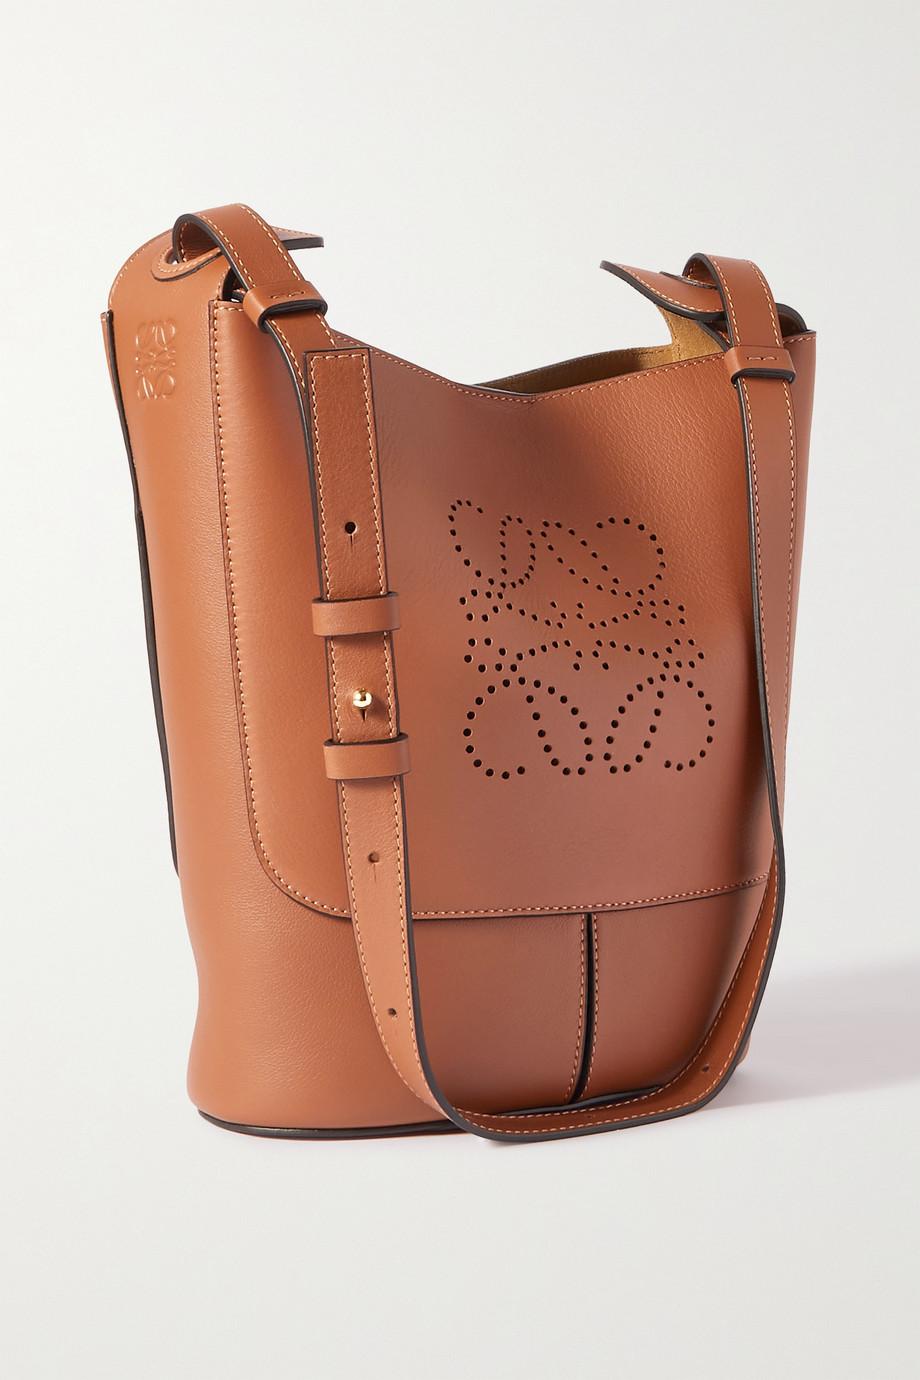 Loewe Sac porté épaule en cuir à perforations Hobo Small